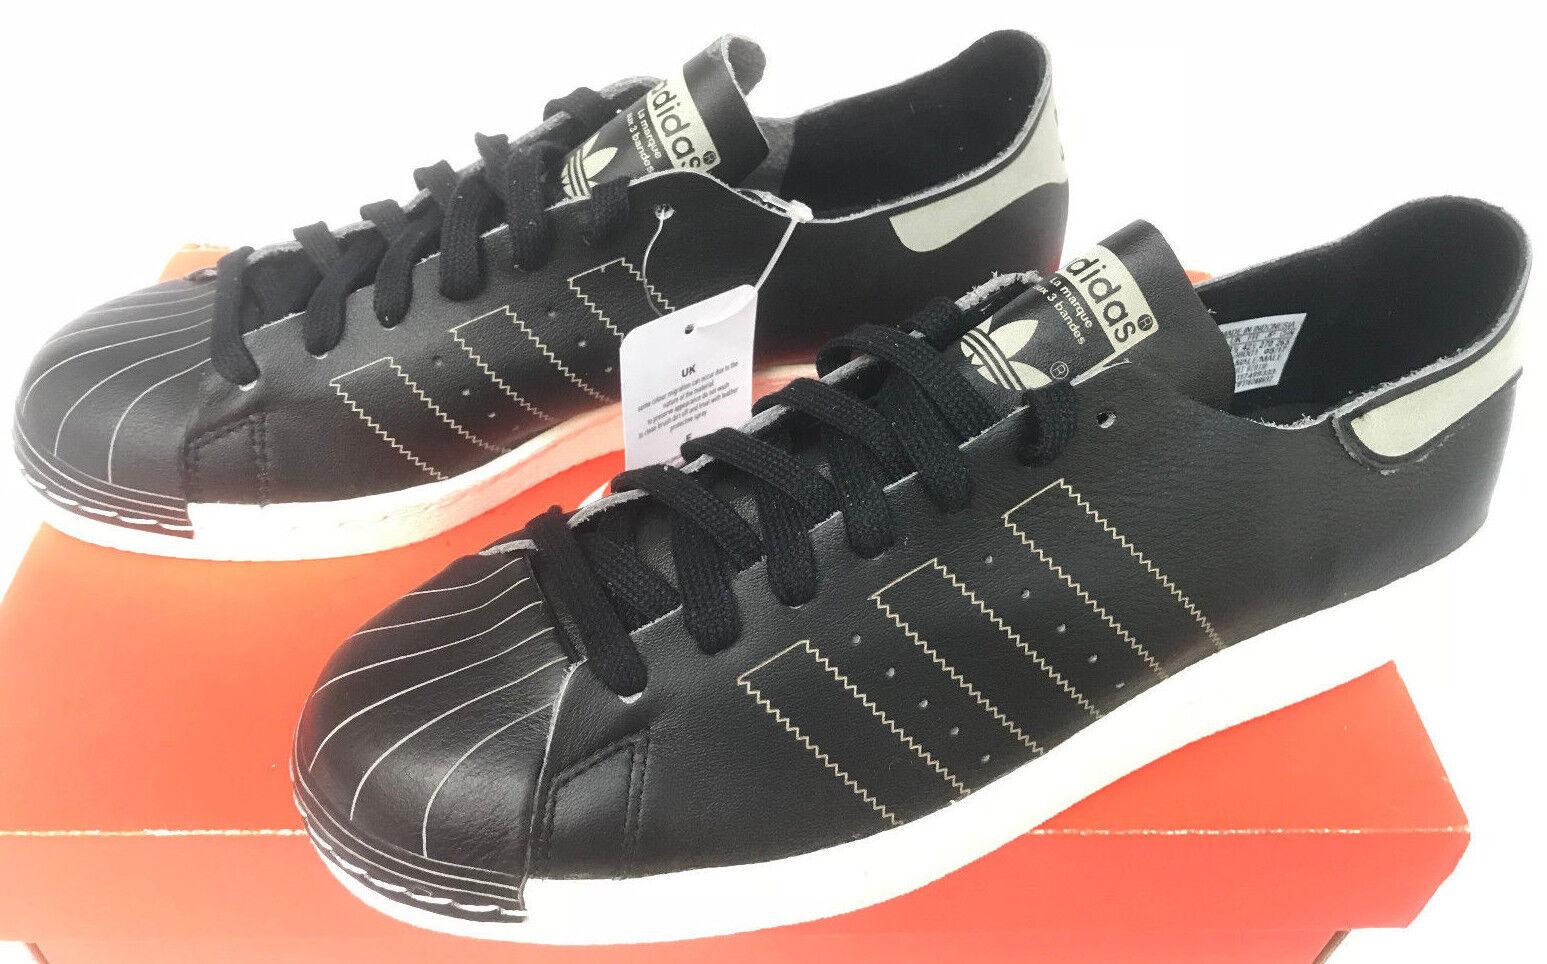 Adidas Superstar 80s Decon BZ0110 Core Negro De Cuero Zapatos De Negro Baloncesto Para Hombres 9 b8f02f